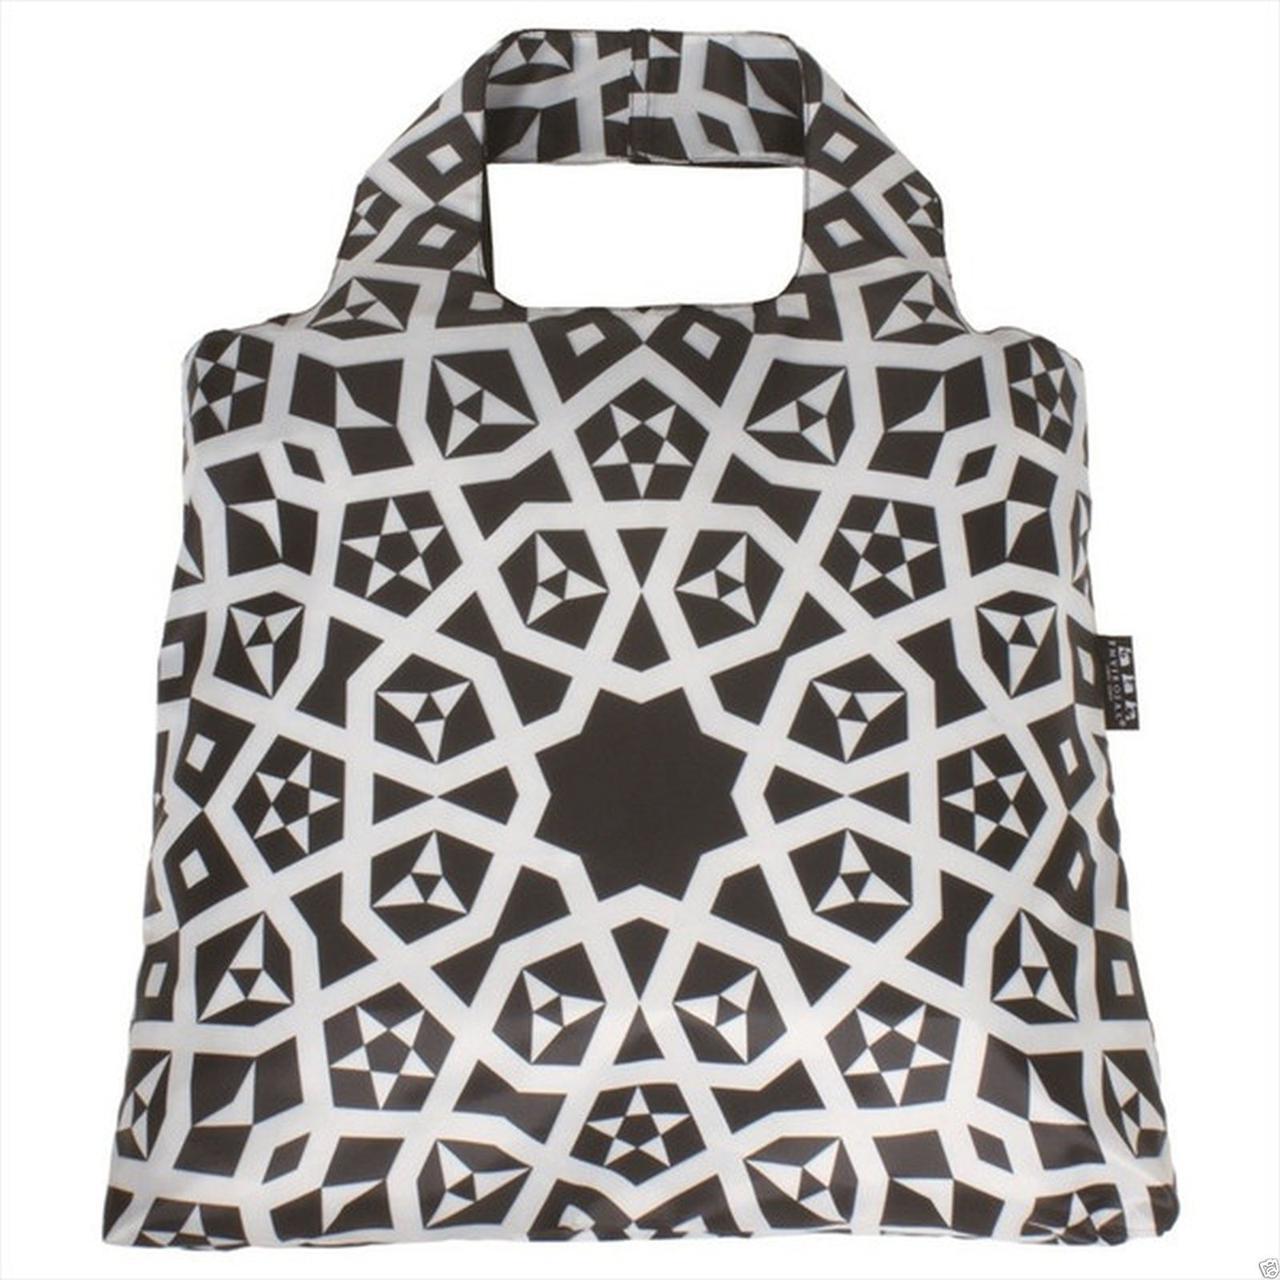 Cумка шоппер Envirosax тканевая женская модная авоська ET.B3 сумки женские